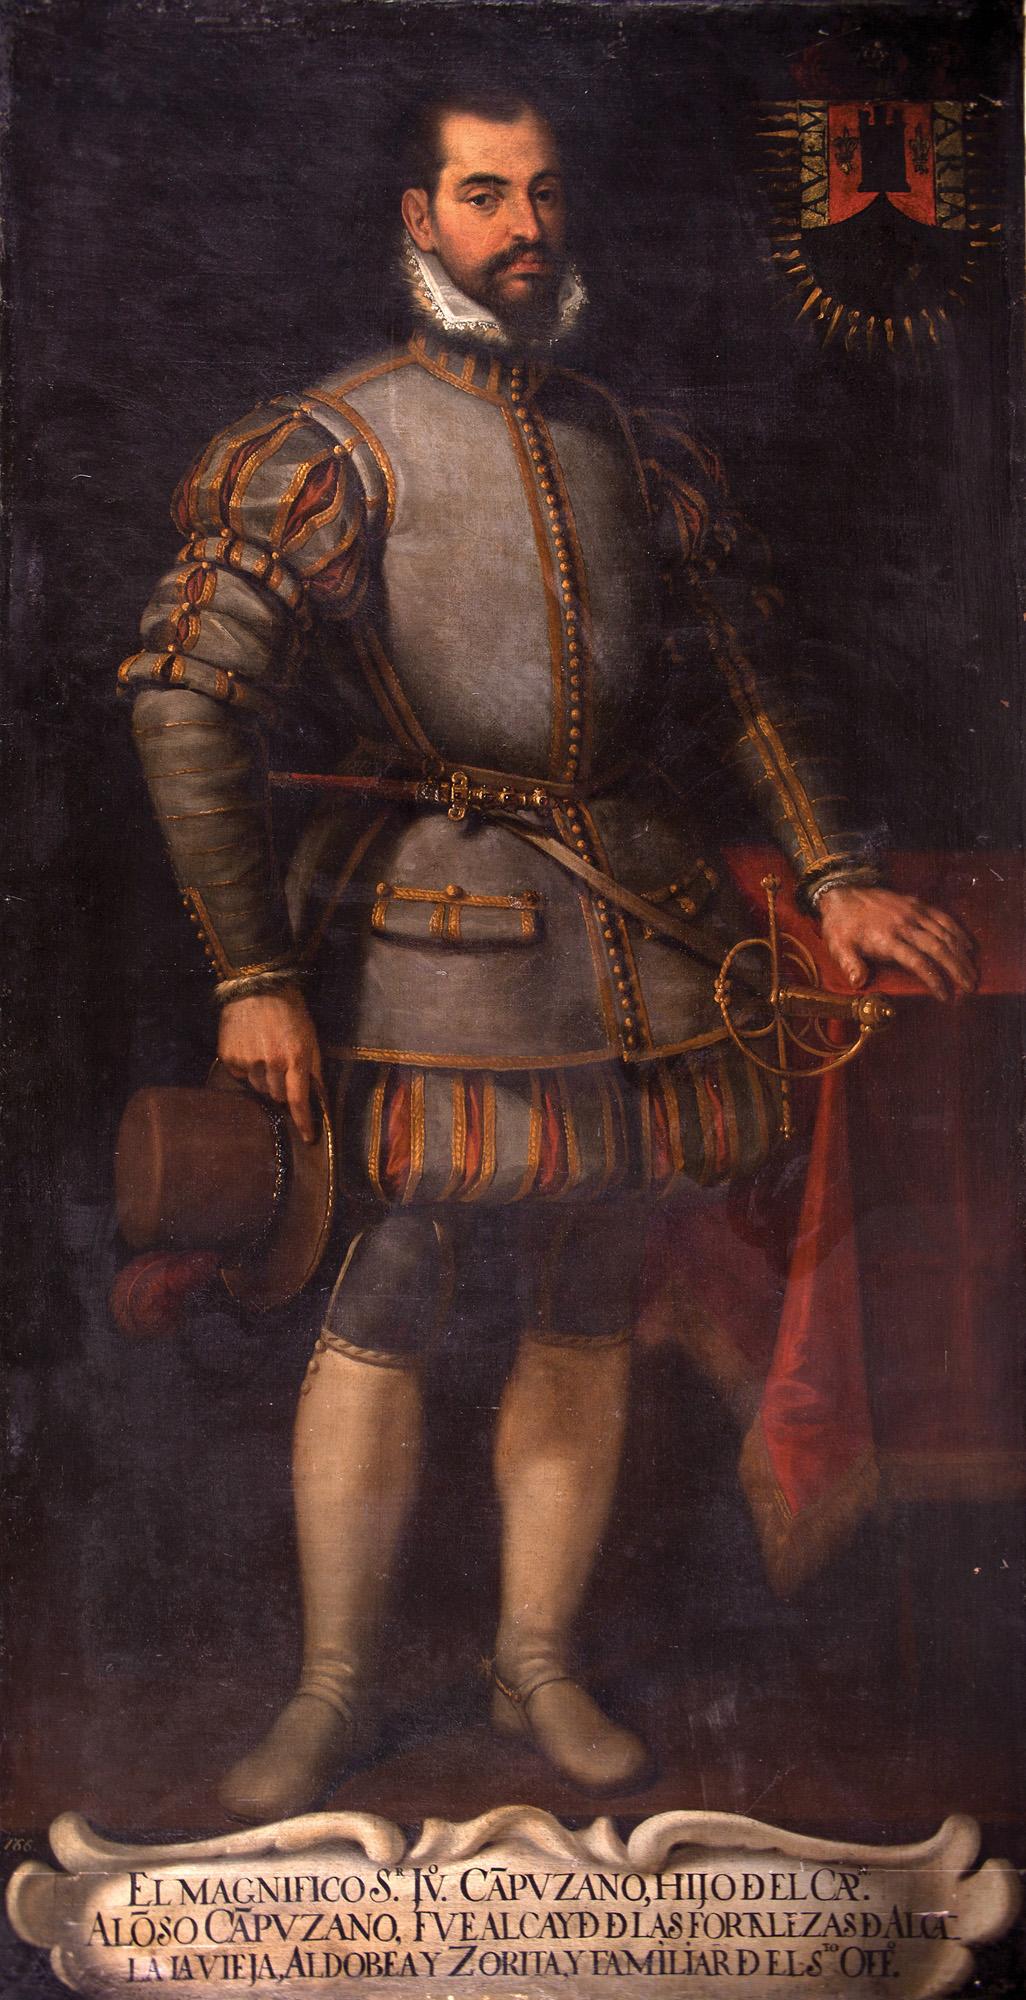 Escuela-madrilena-Retrato-de-Juan-Campuzano